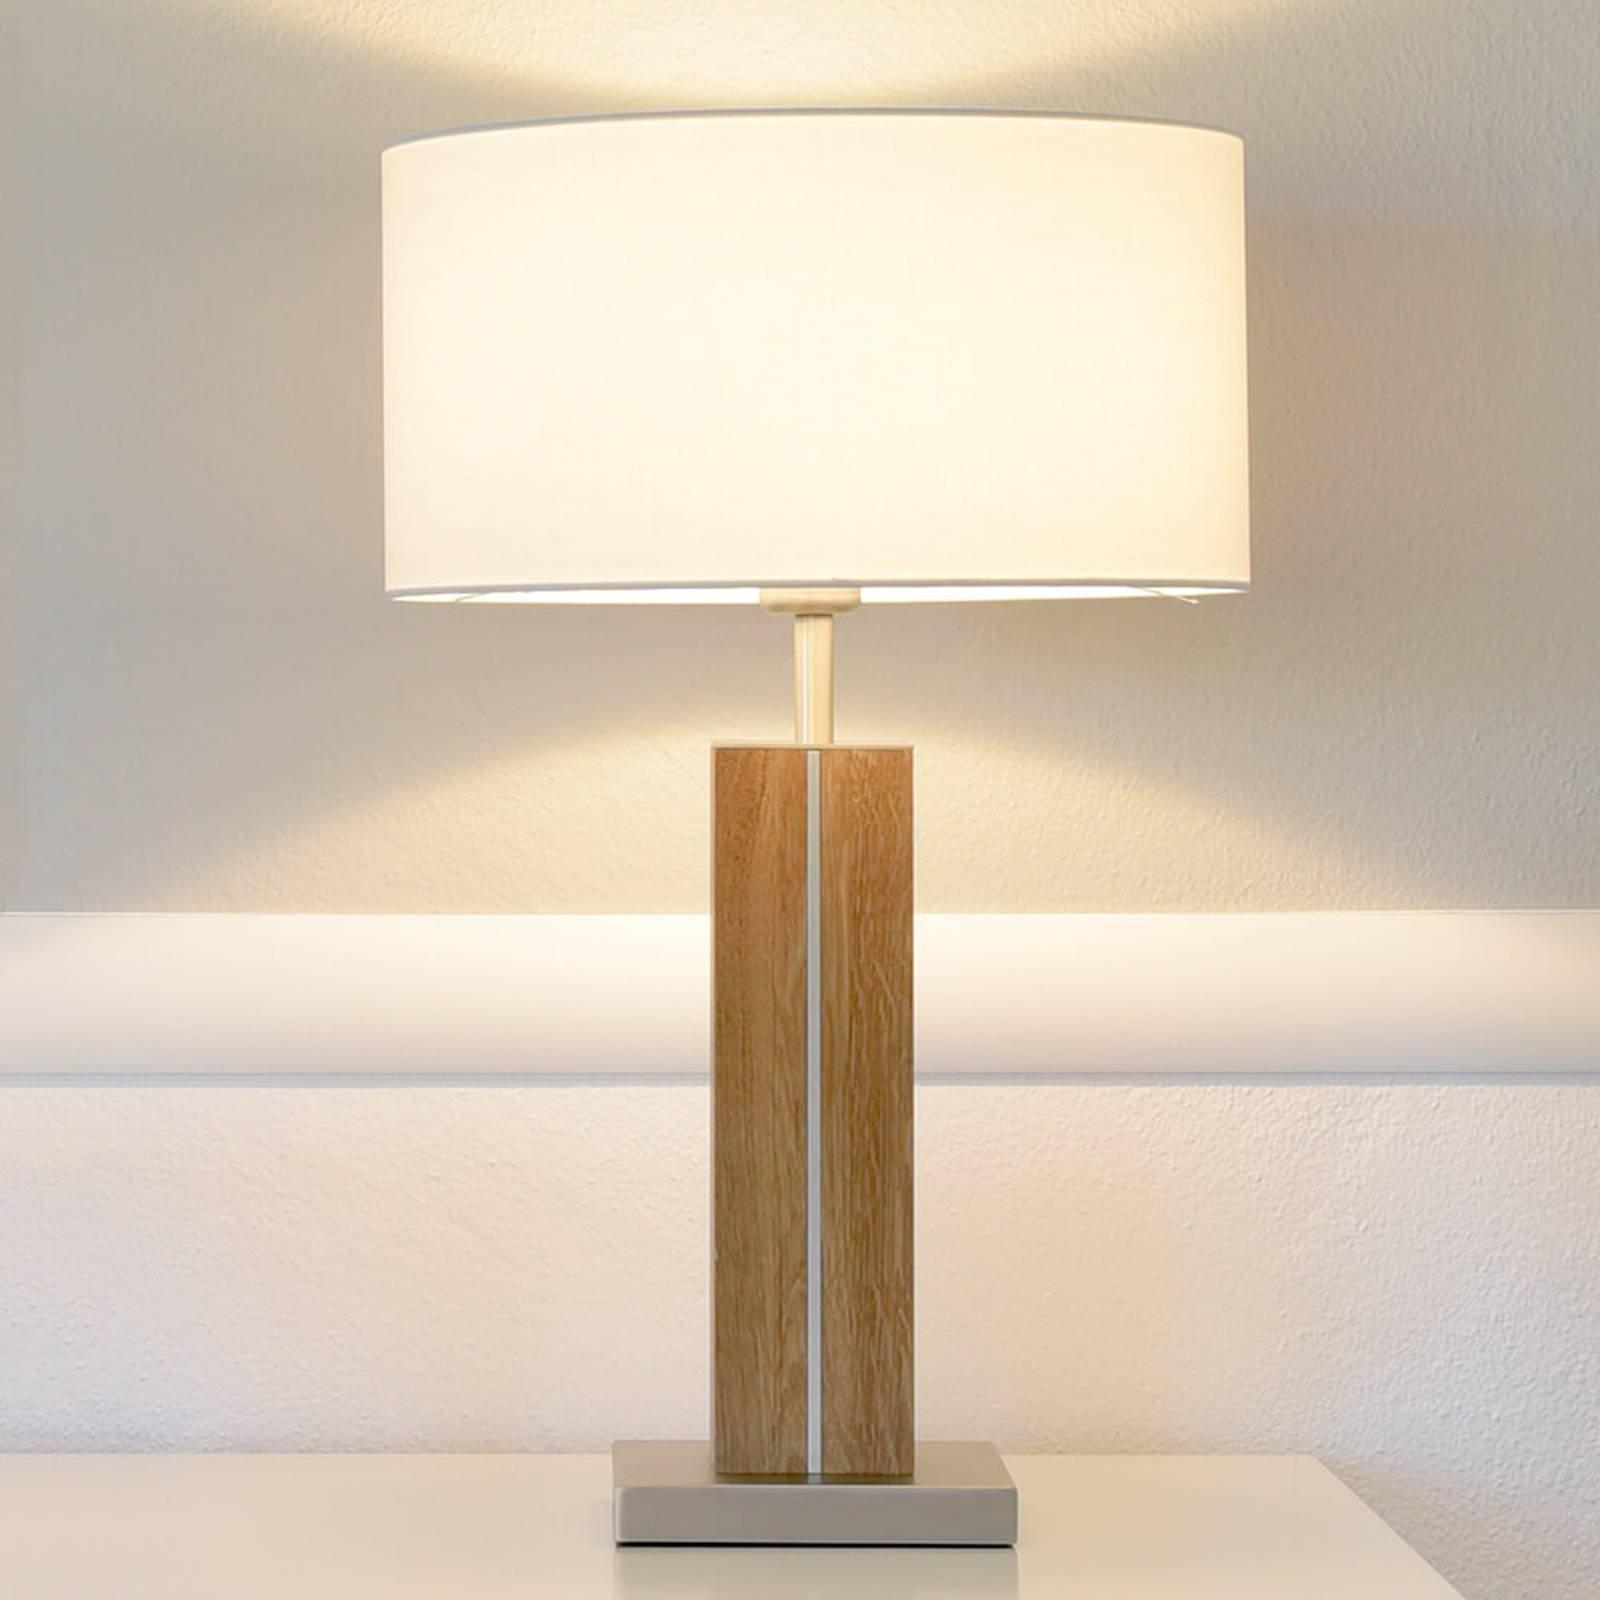 HerzBlut Dana bordlampe, oljet eik høyde 56 cm